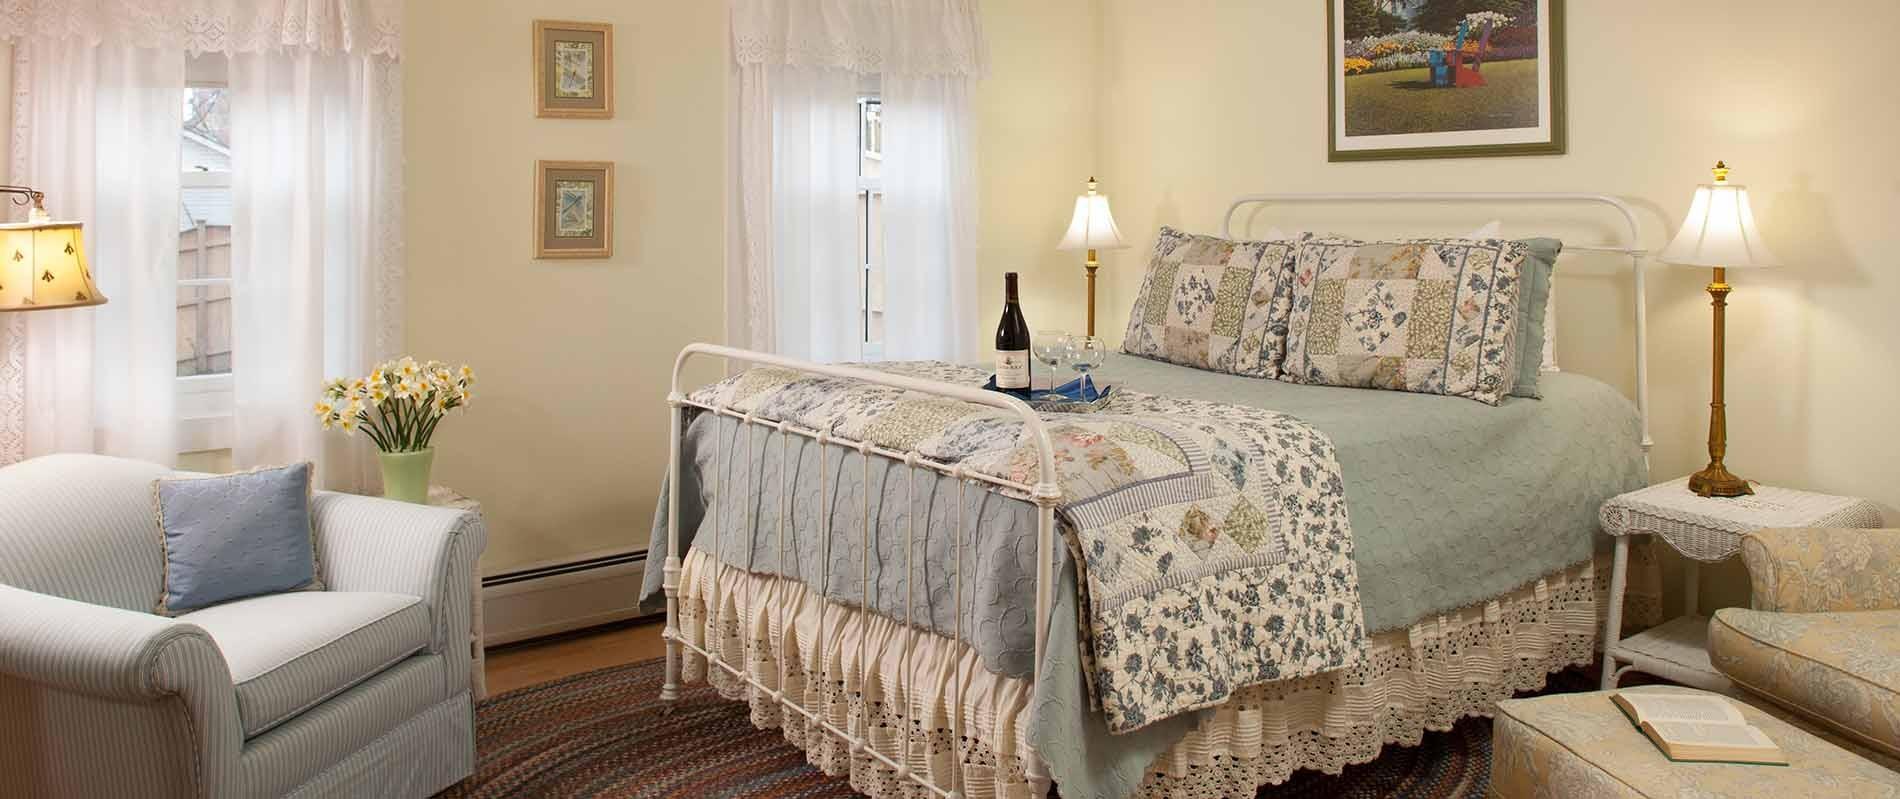 Bed and Breakfast in Burlington Vermont